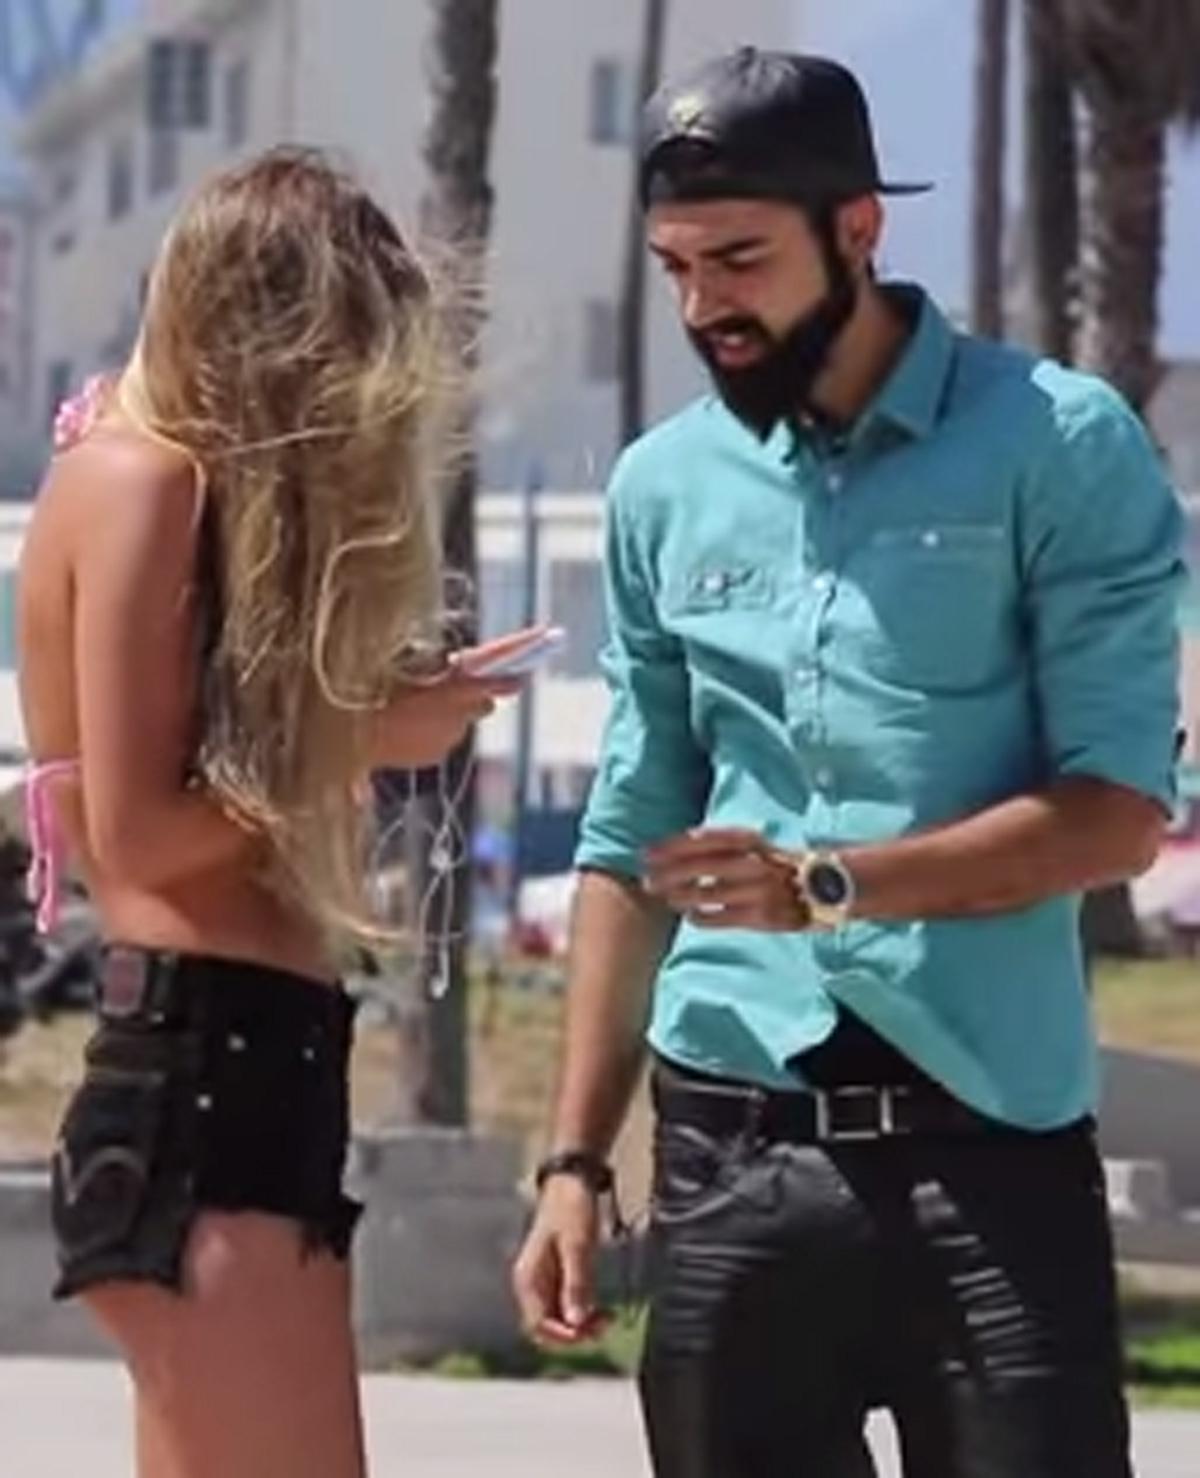 Youtube-uitdaging: vrouwen optillen voor 6 seconden